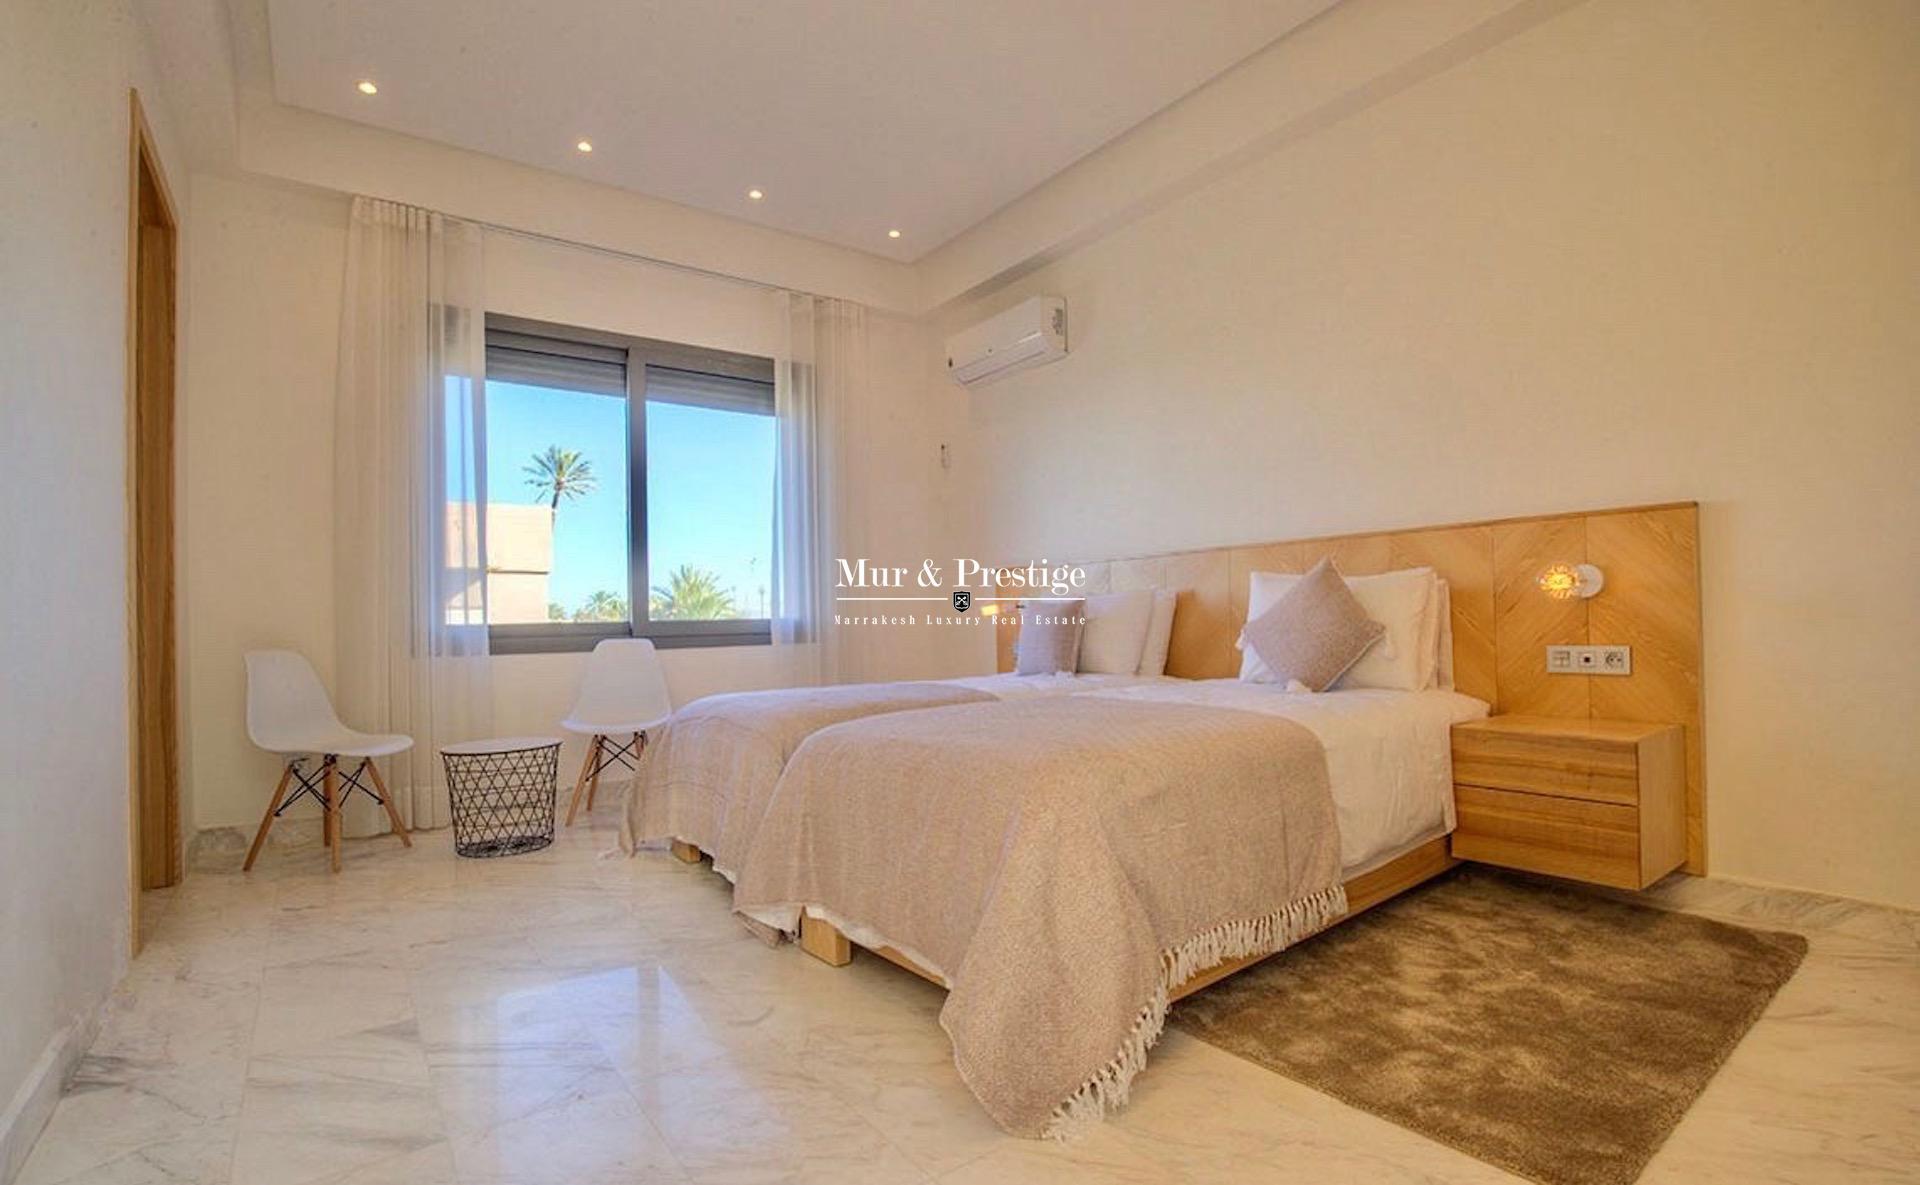 Maison moderne à louer à Marrakech